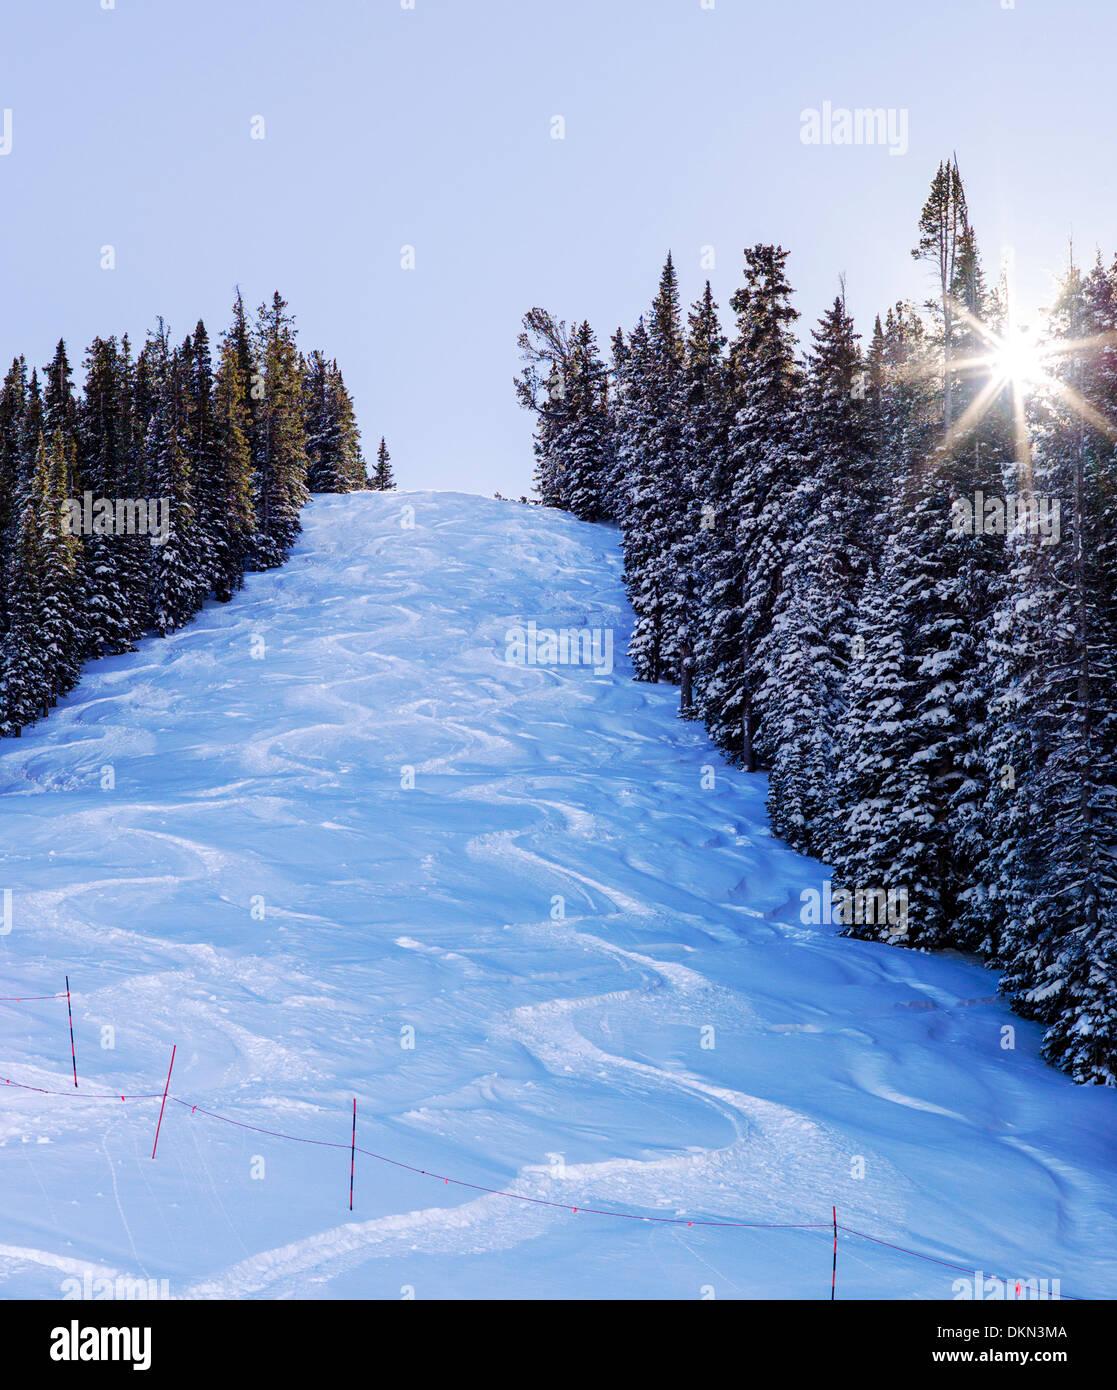 """20"""" of fresh powder snow on Gu..."""